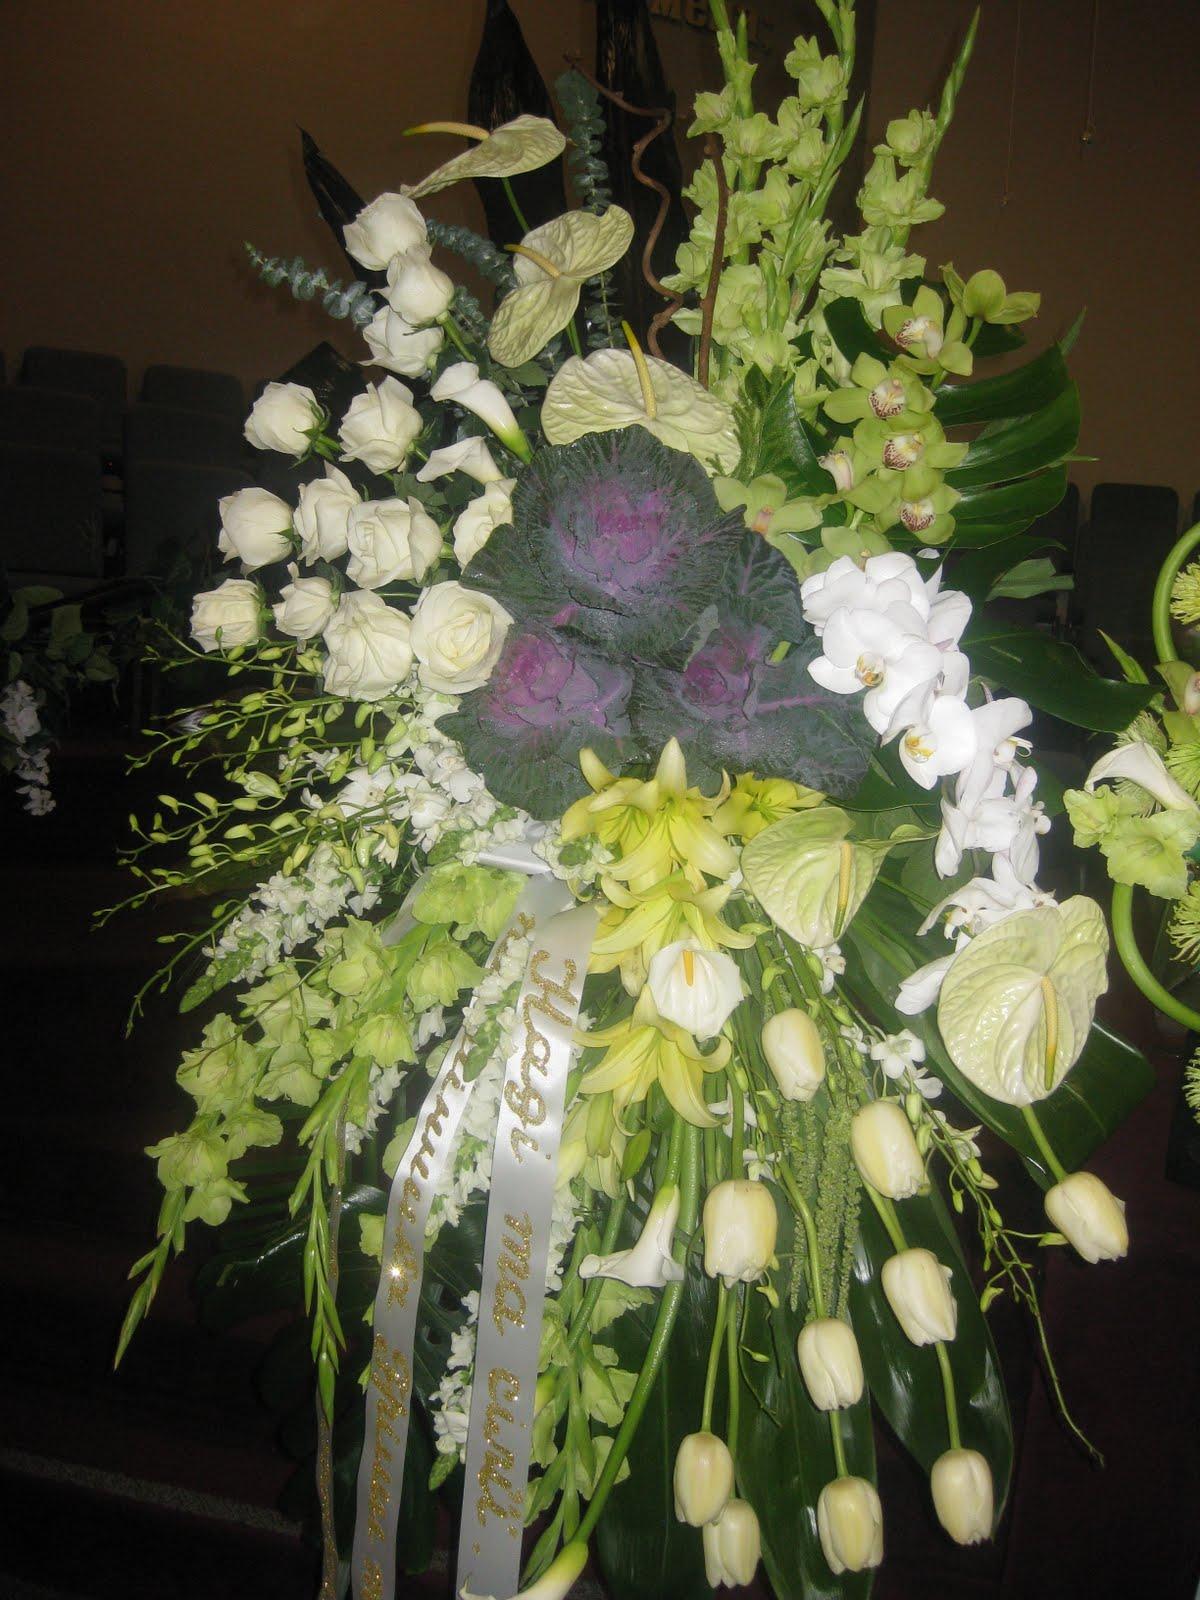 Amazing Floral Design Funeral Arrangements